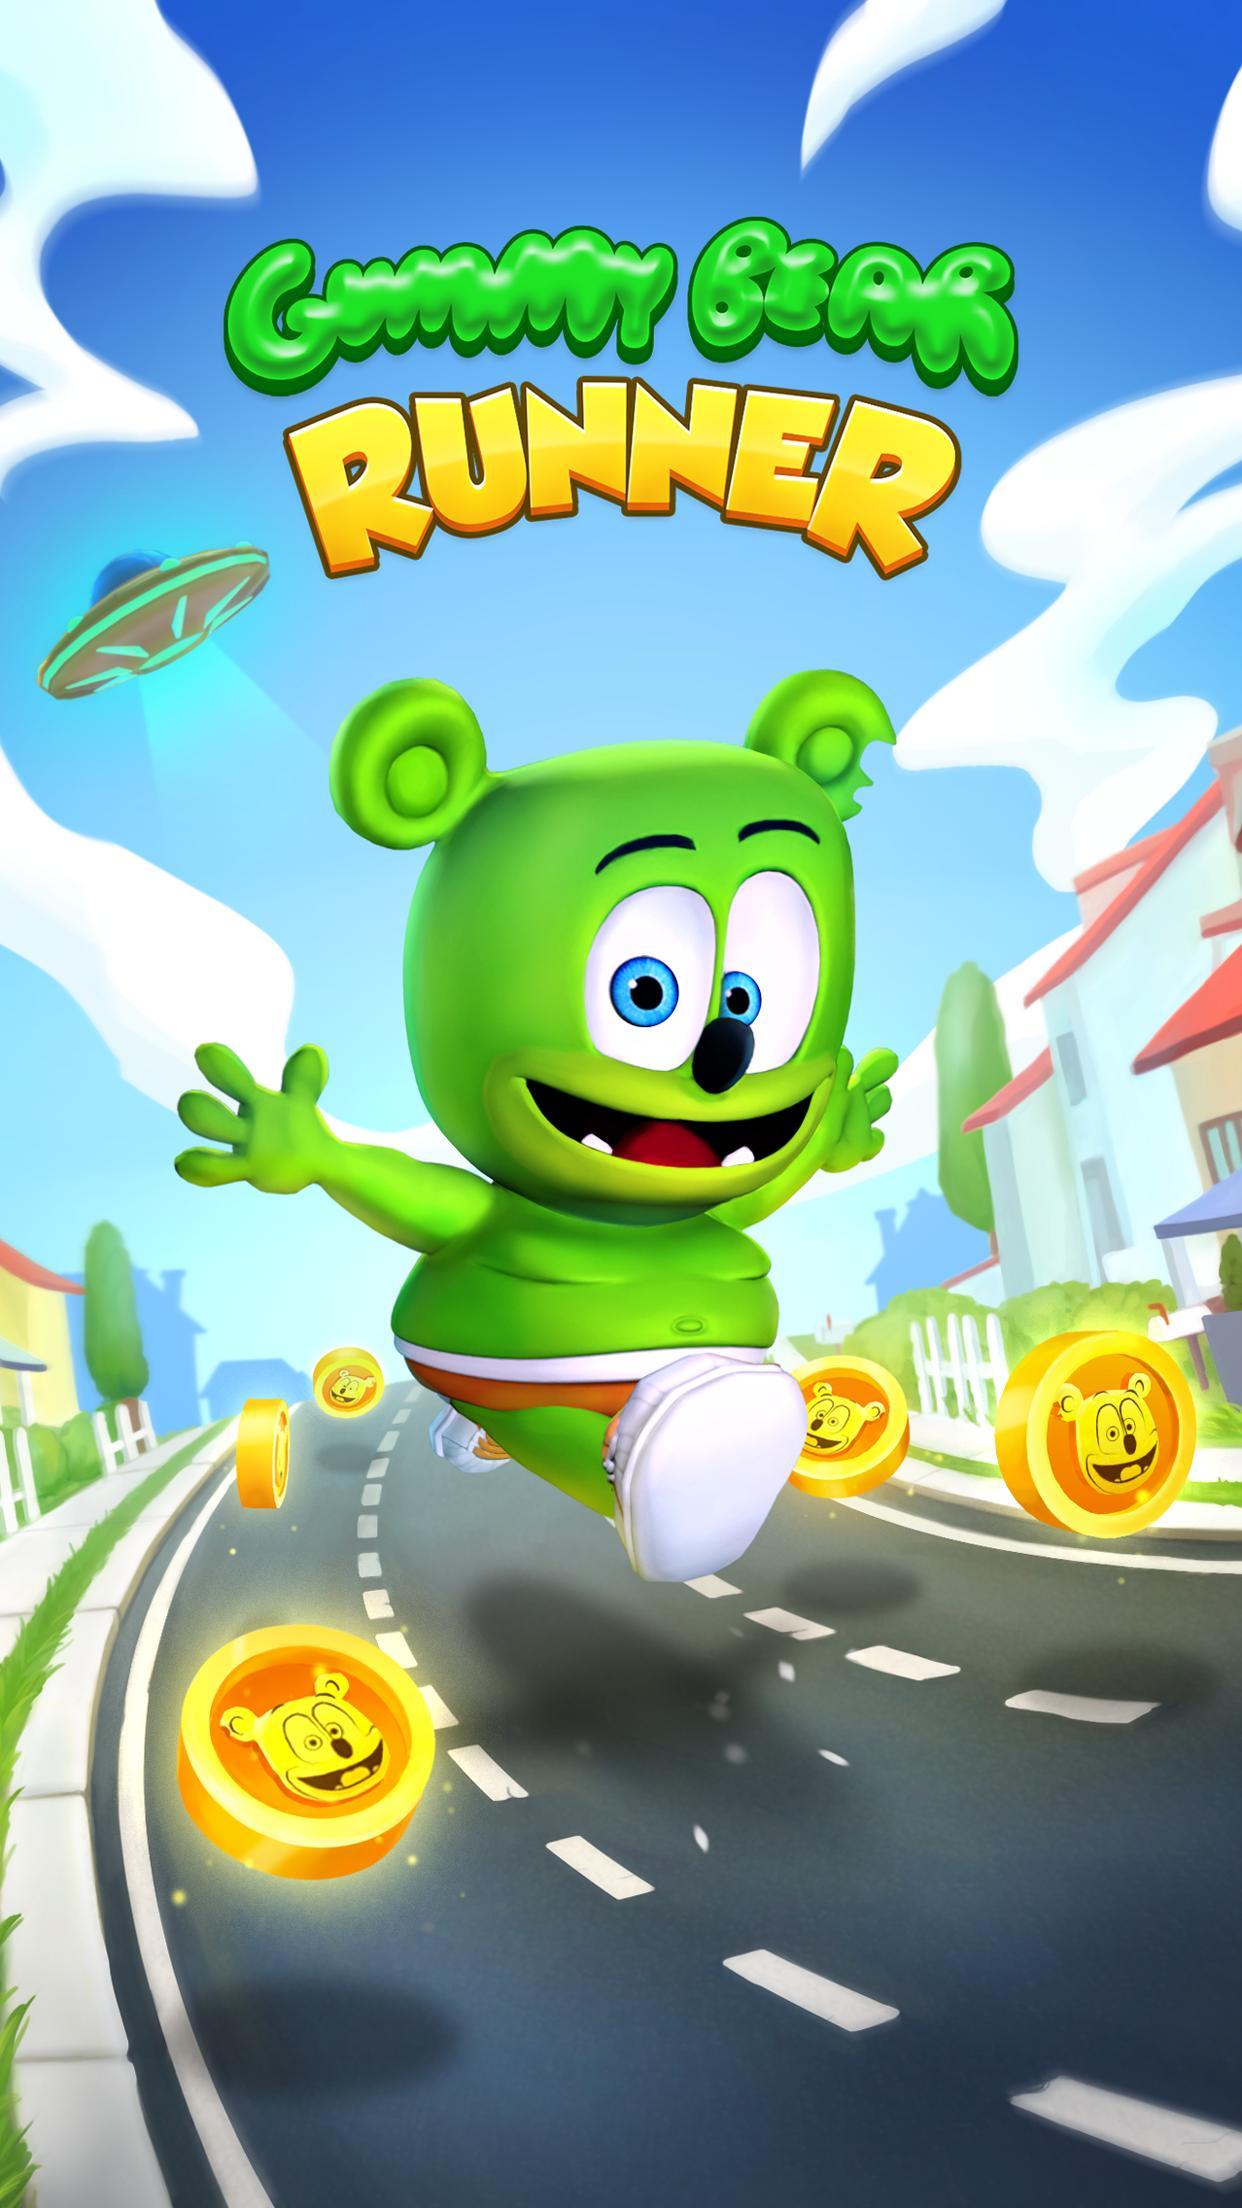 Gummy Bear Running - Endless Runner 2020 1.2.10 Screenshot 15